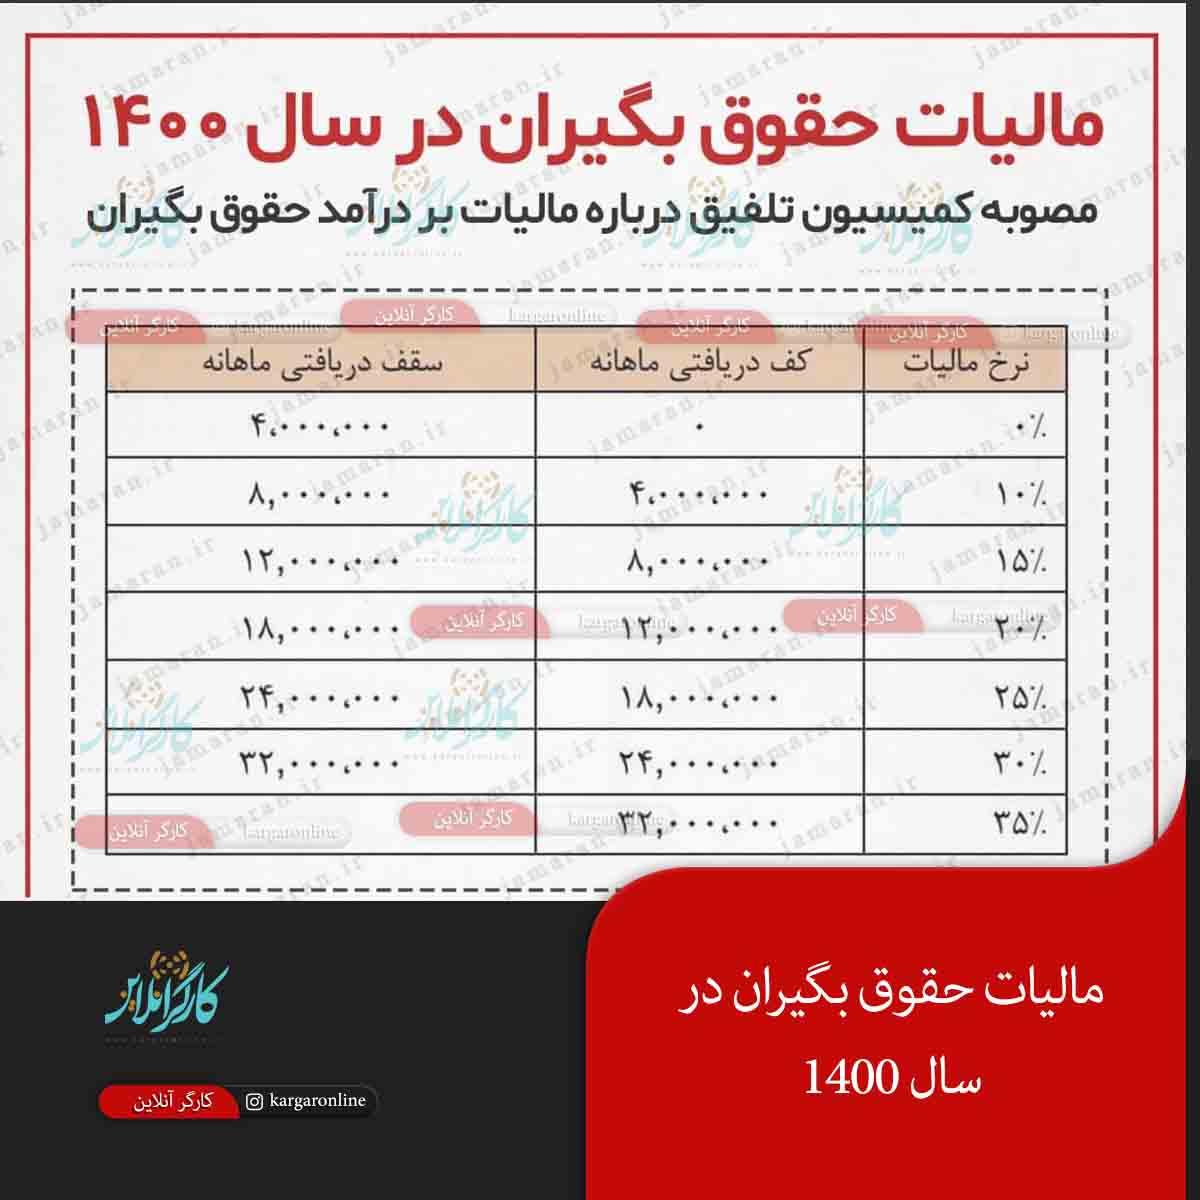 مالیات حقوق بگیران کارگر و کارمند در سال ۱۴۰۰ تعیین شد+جدول